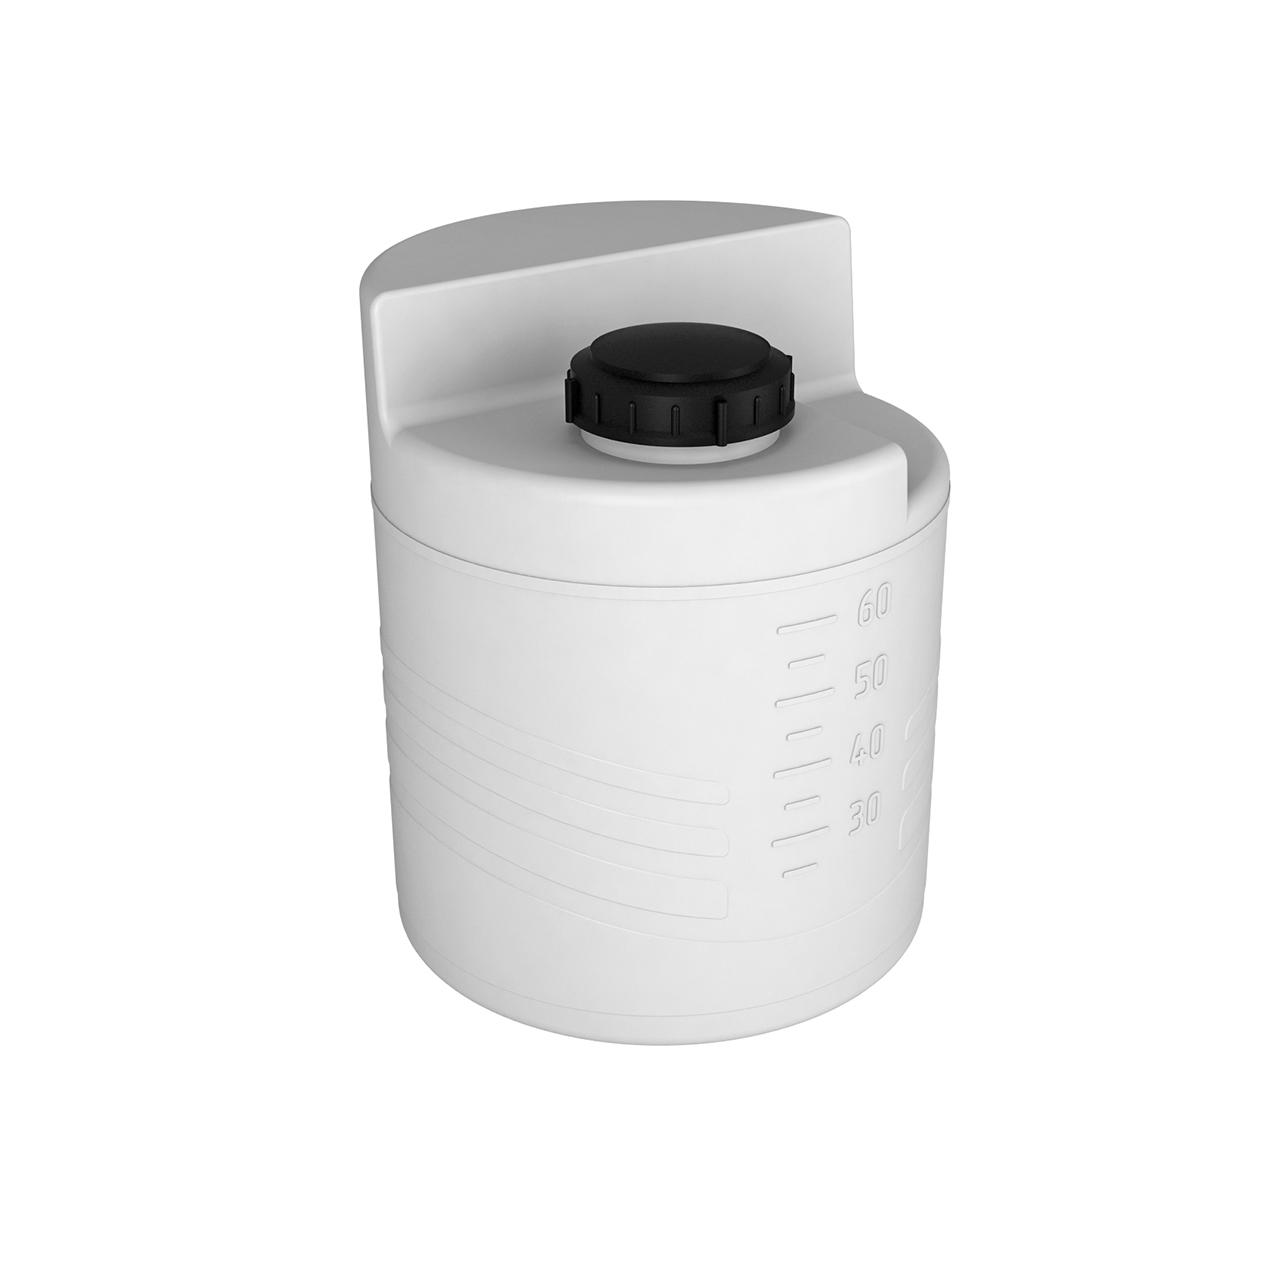 Пластиковая емкость дозировочная 60 литров 1